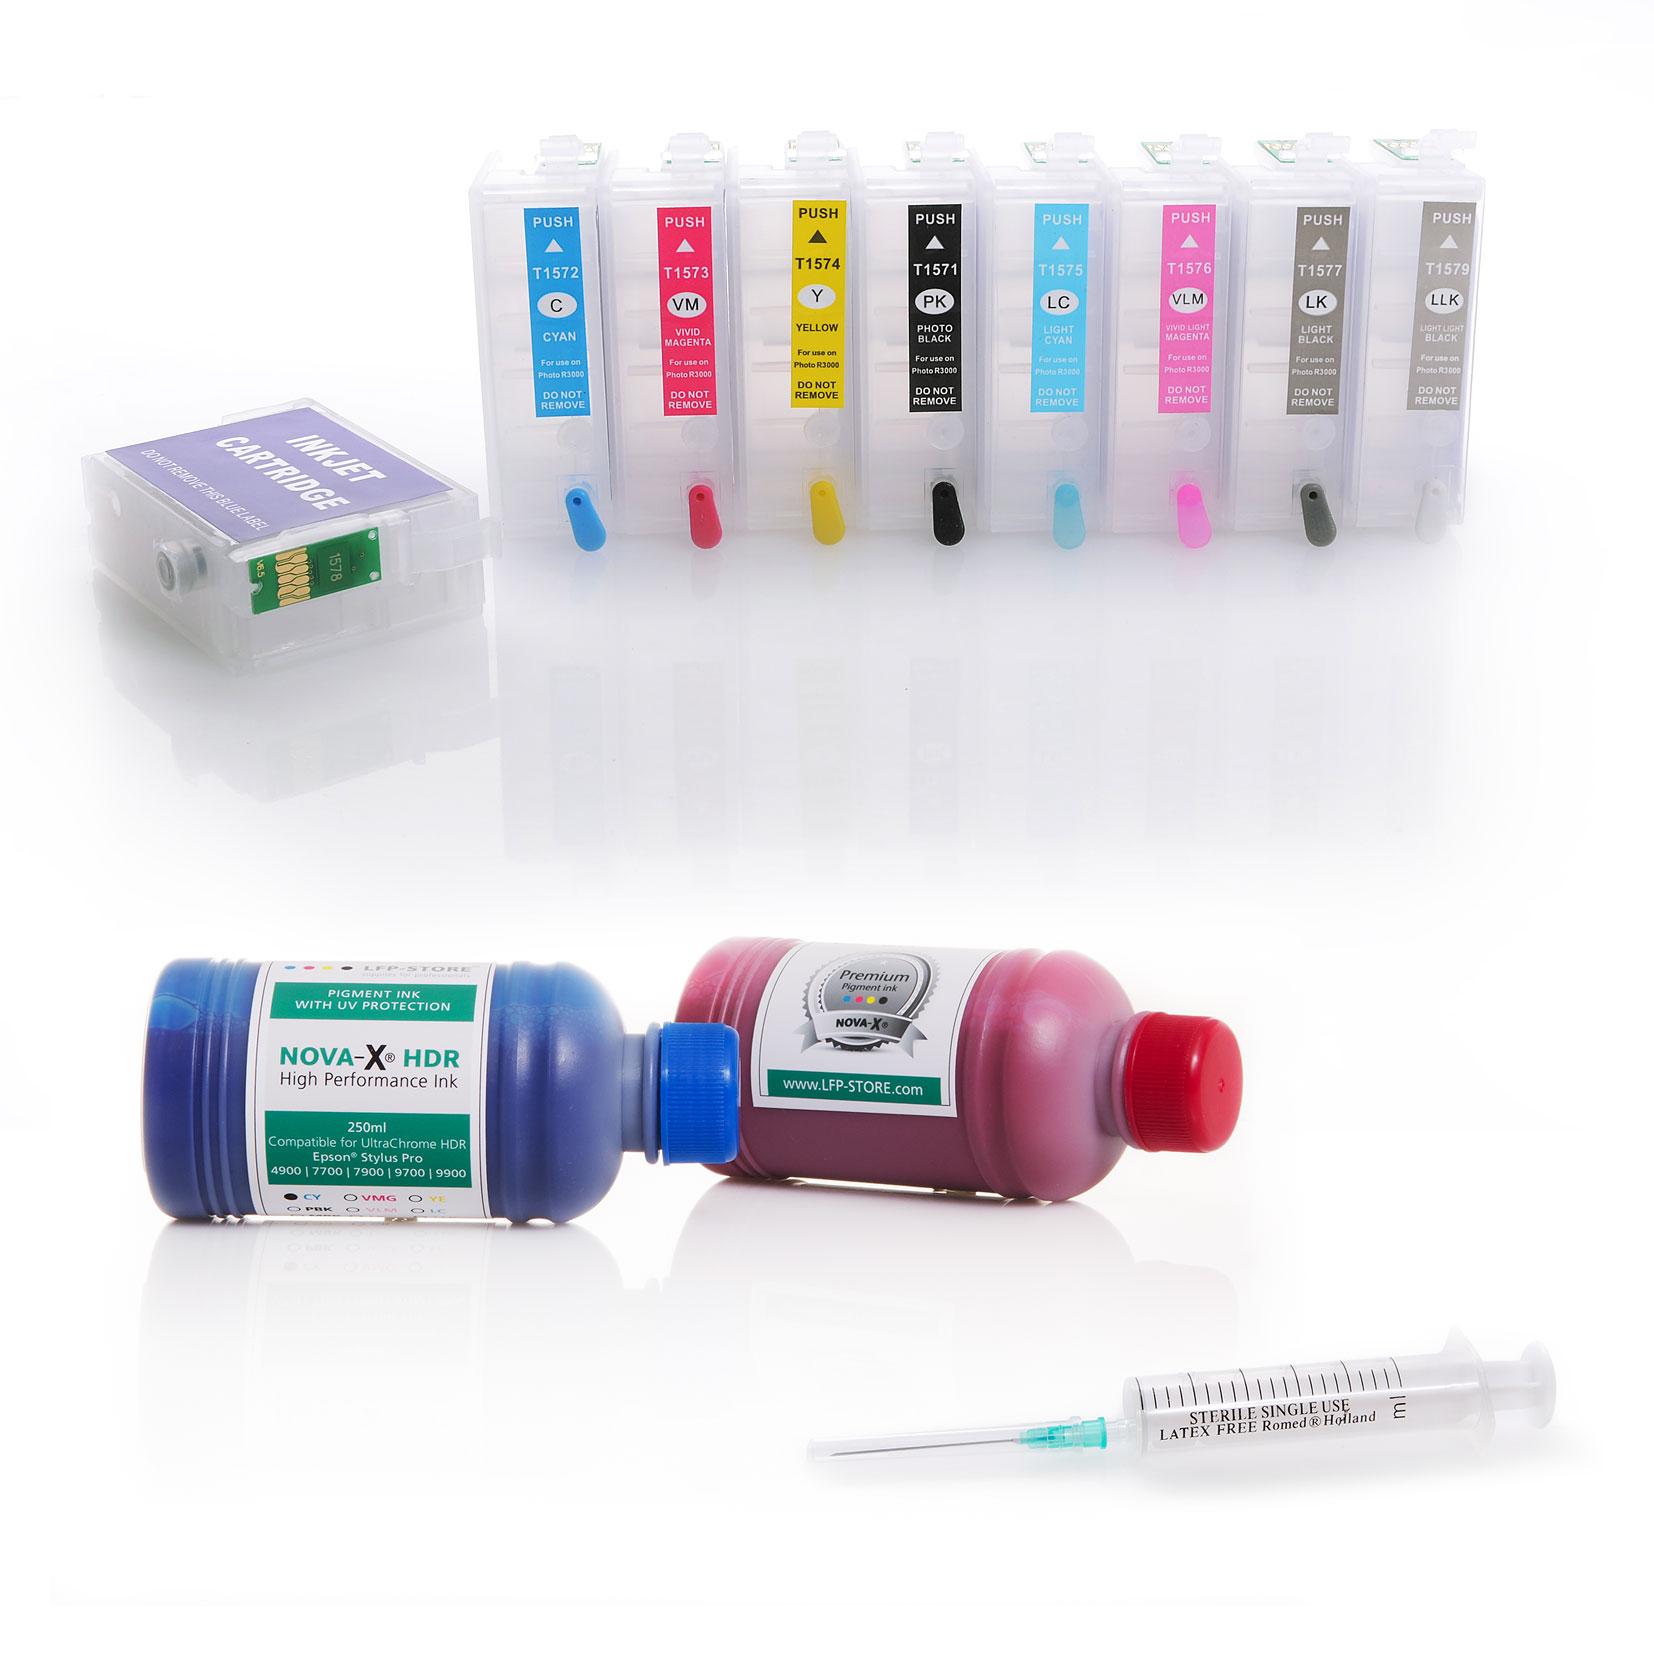 Starterset 9x 250ml | für Epson® SureColor SC-P600 | NOVA-X® HDR